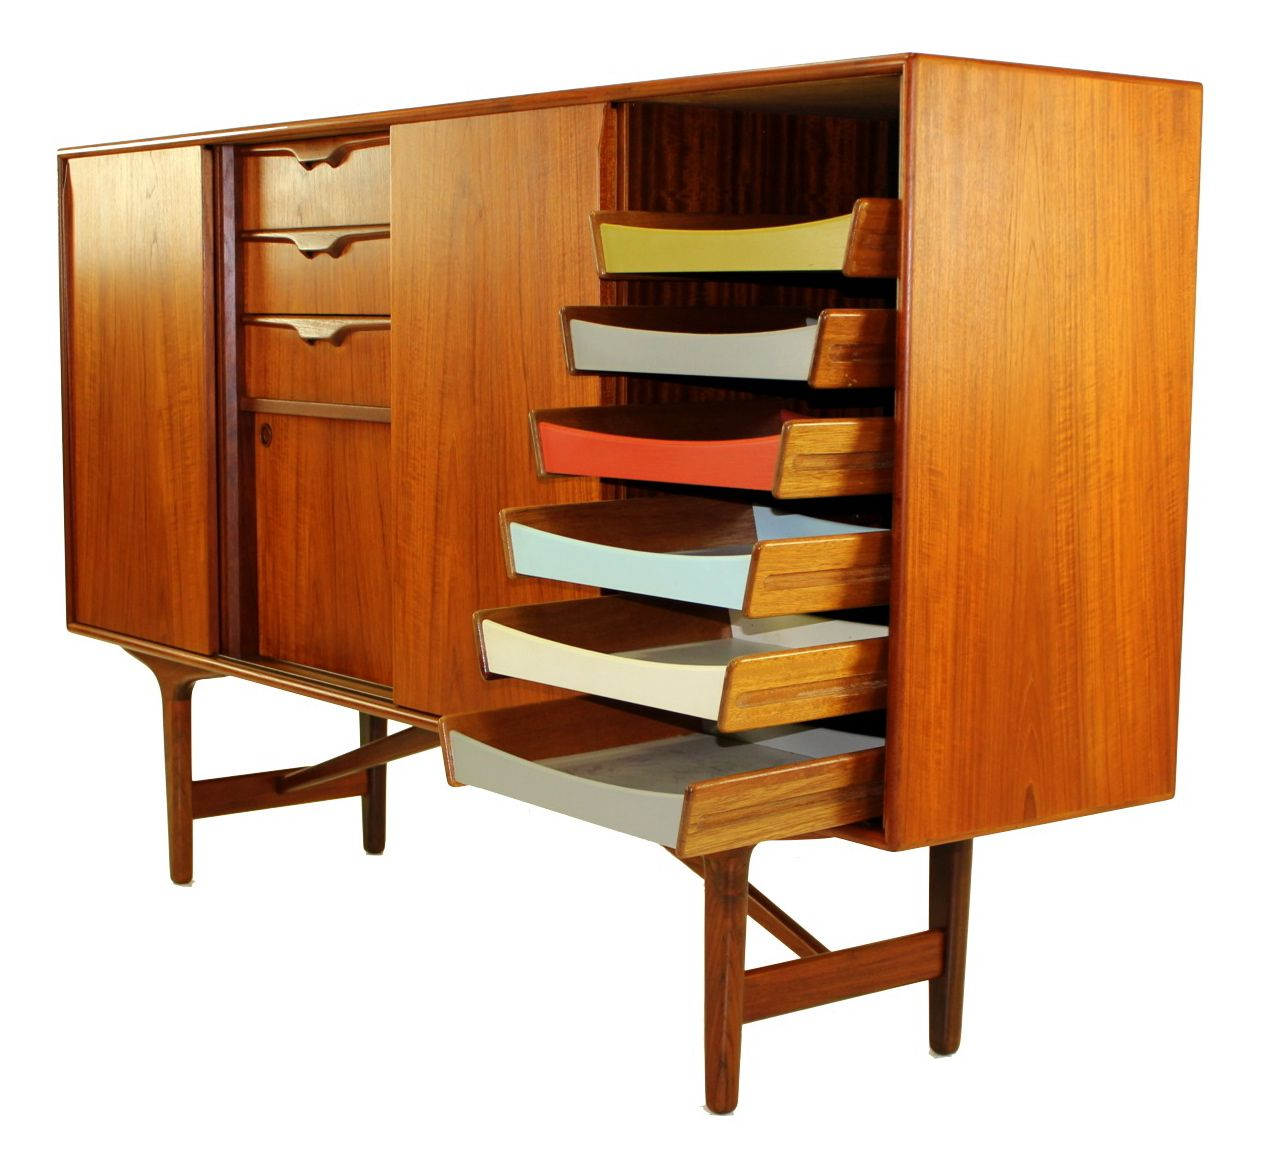 Mid Century Design Furniture: Impressive Danish Modern Teak Credenza By Borge Mogensen